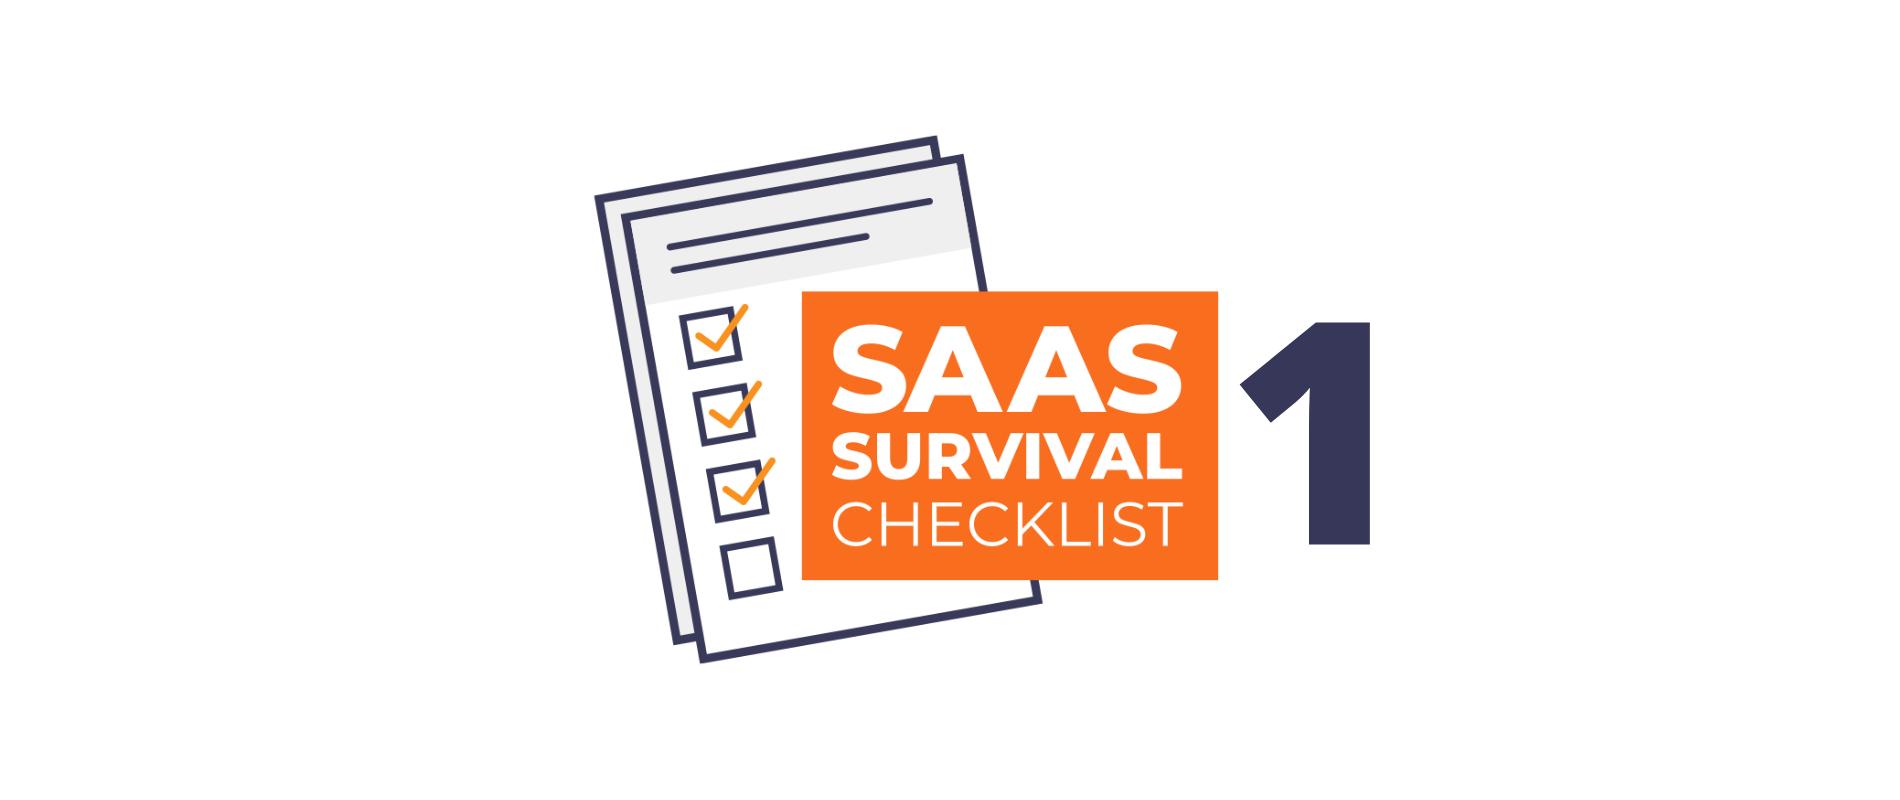 SaaS Sales and Marketing Survival Checklist